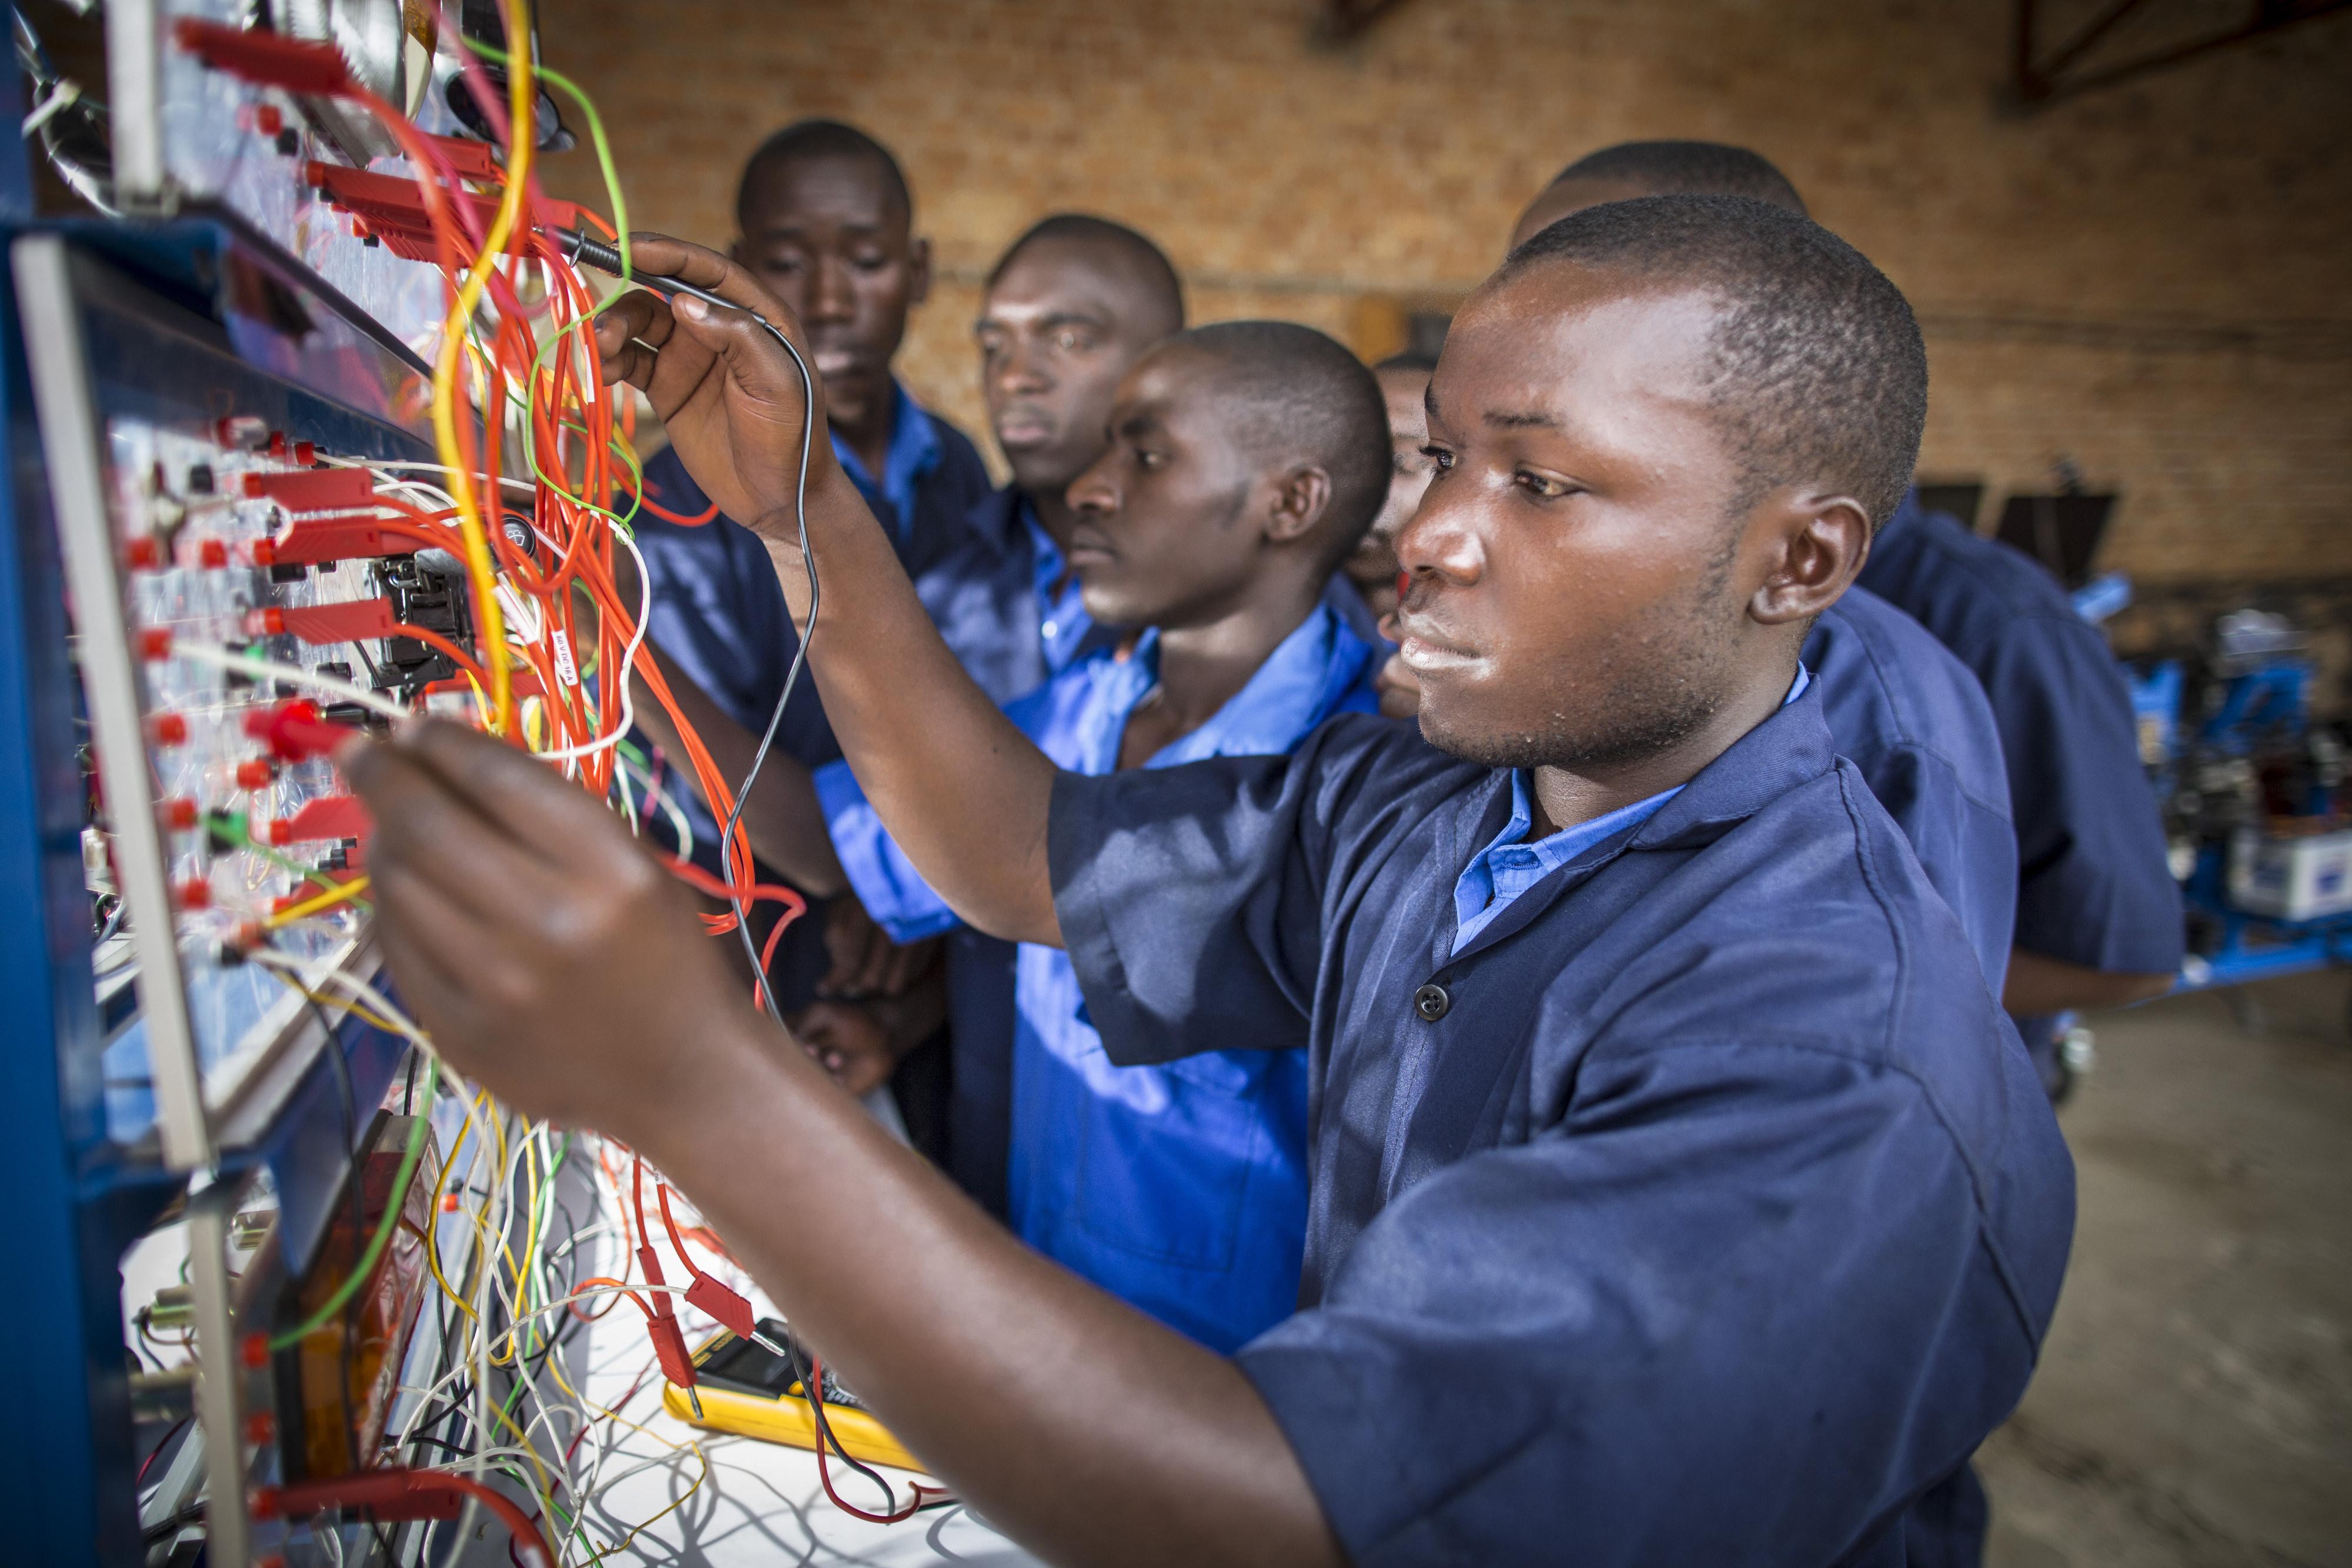 Schüler der Berufsschule ETEKA im ruandischen Kabgayi Ruanda arbeiten an einem elektrischen Schaltsystem.